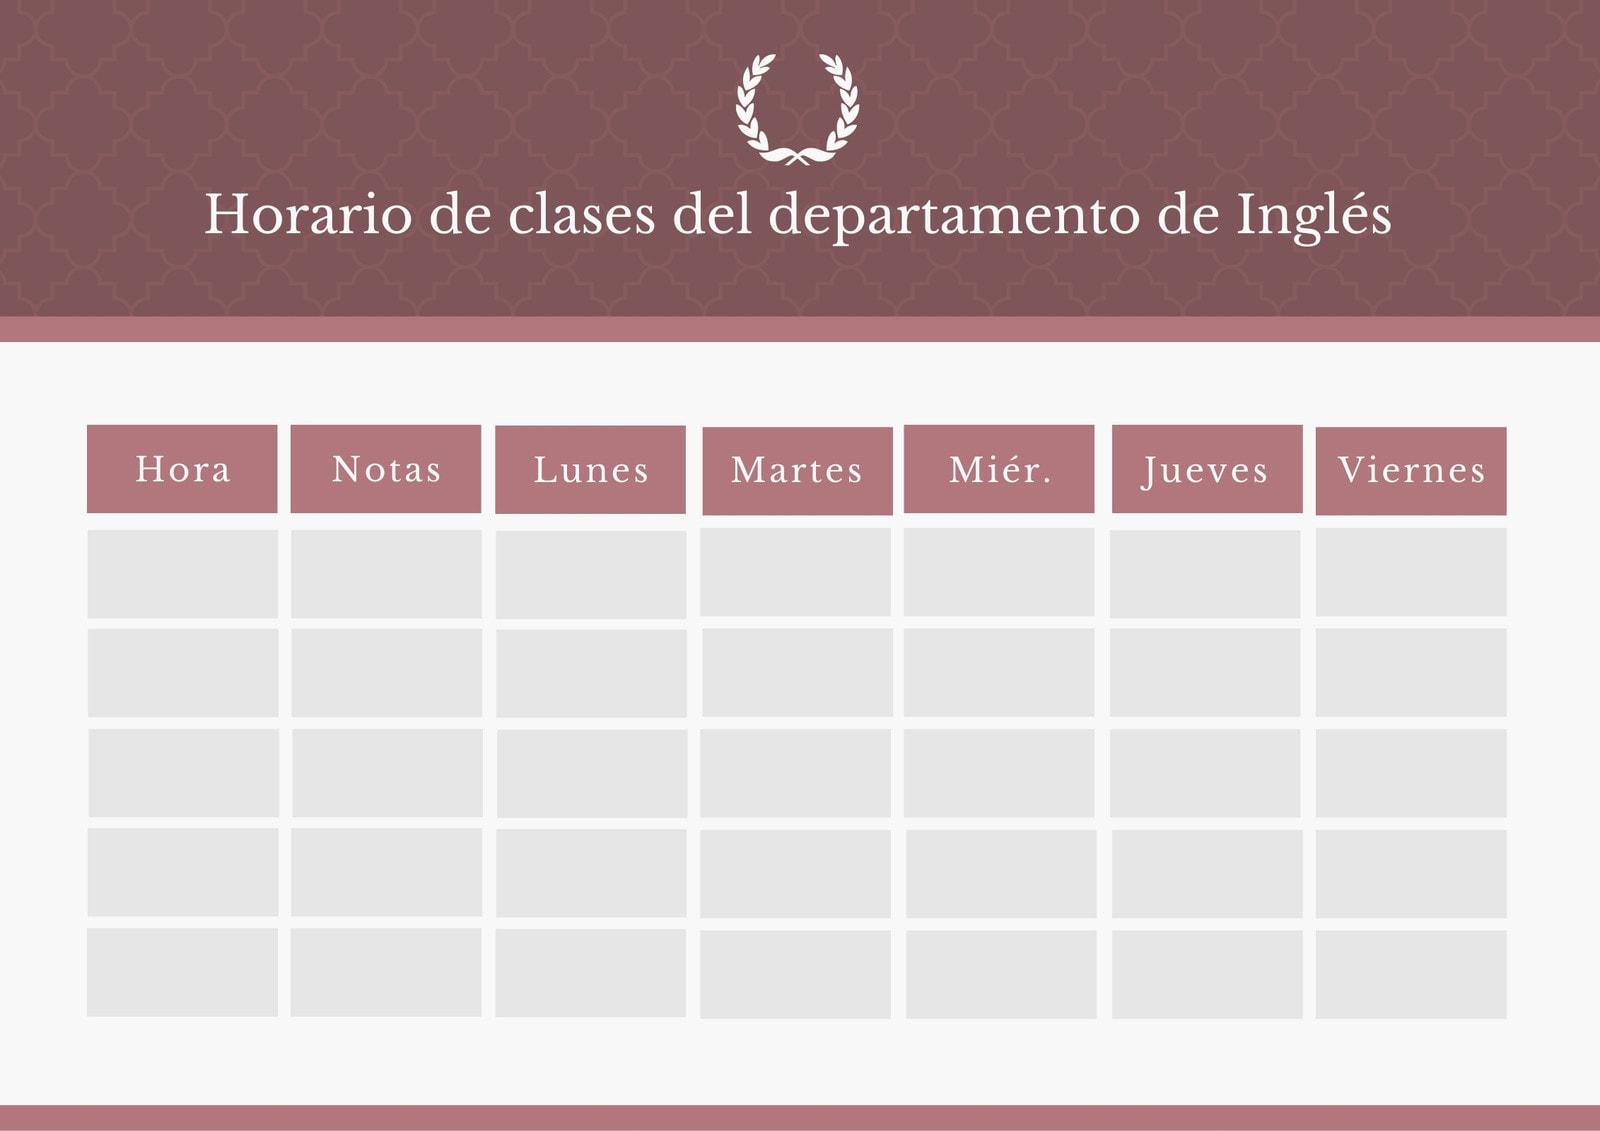 Bordó y Blanco Elegante Patrón Horario de Clase